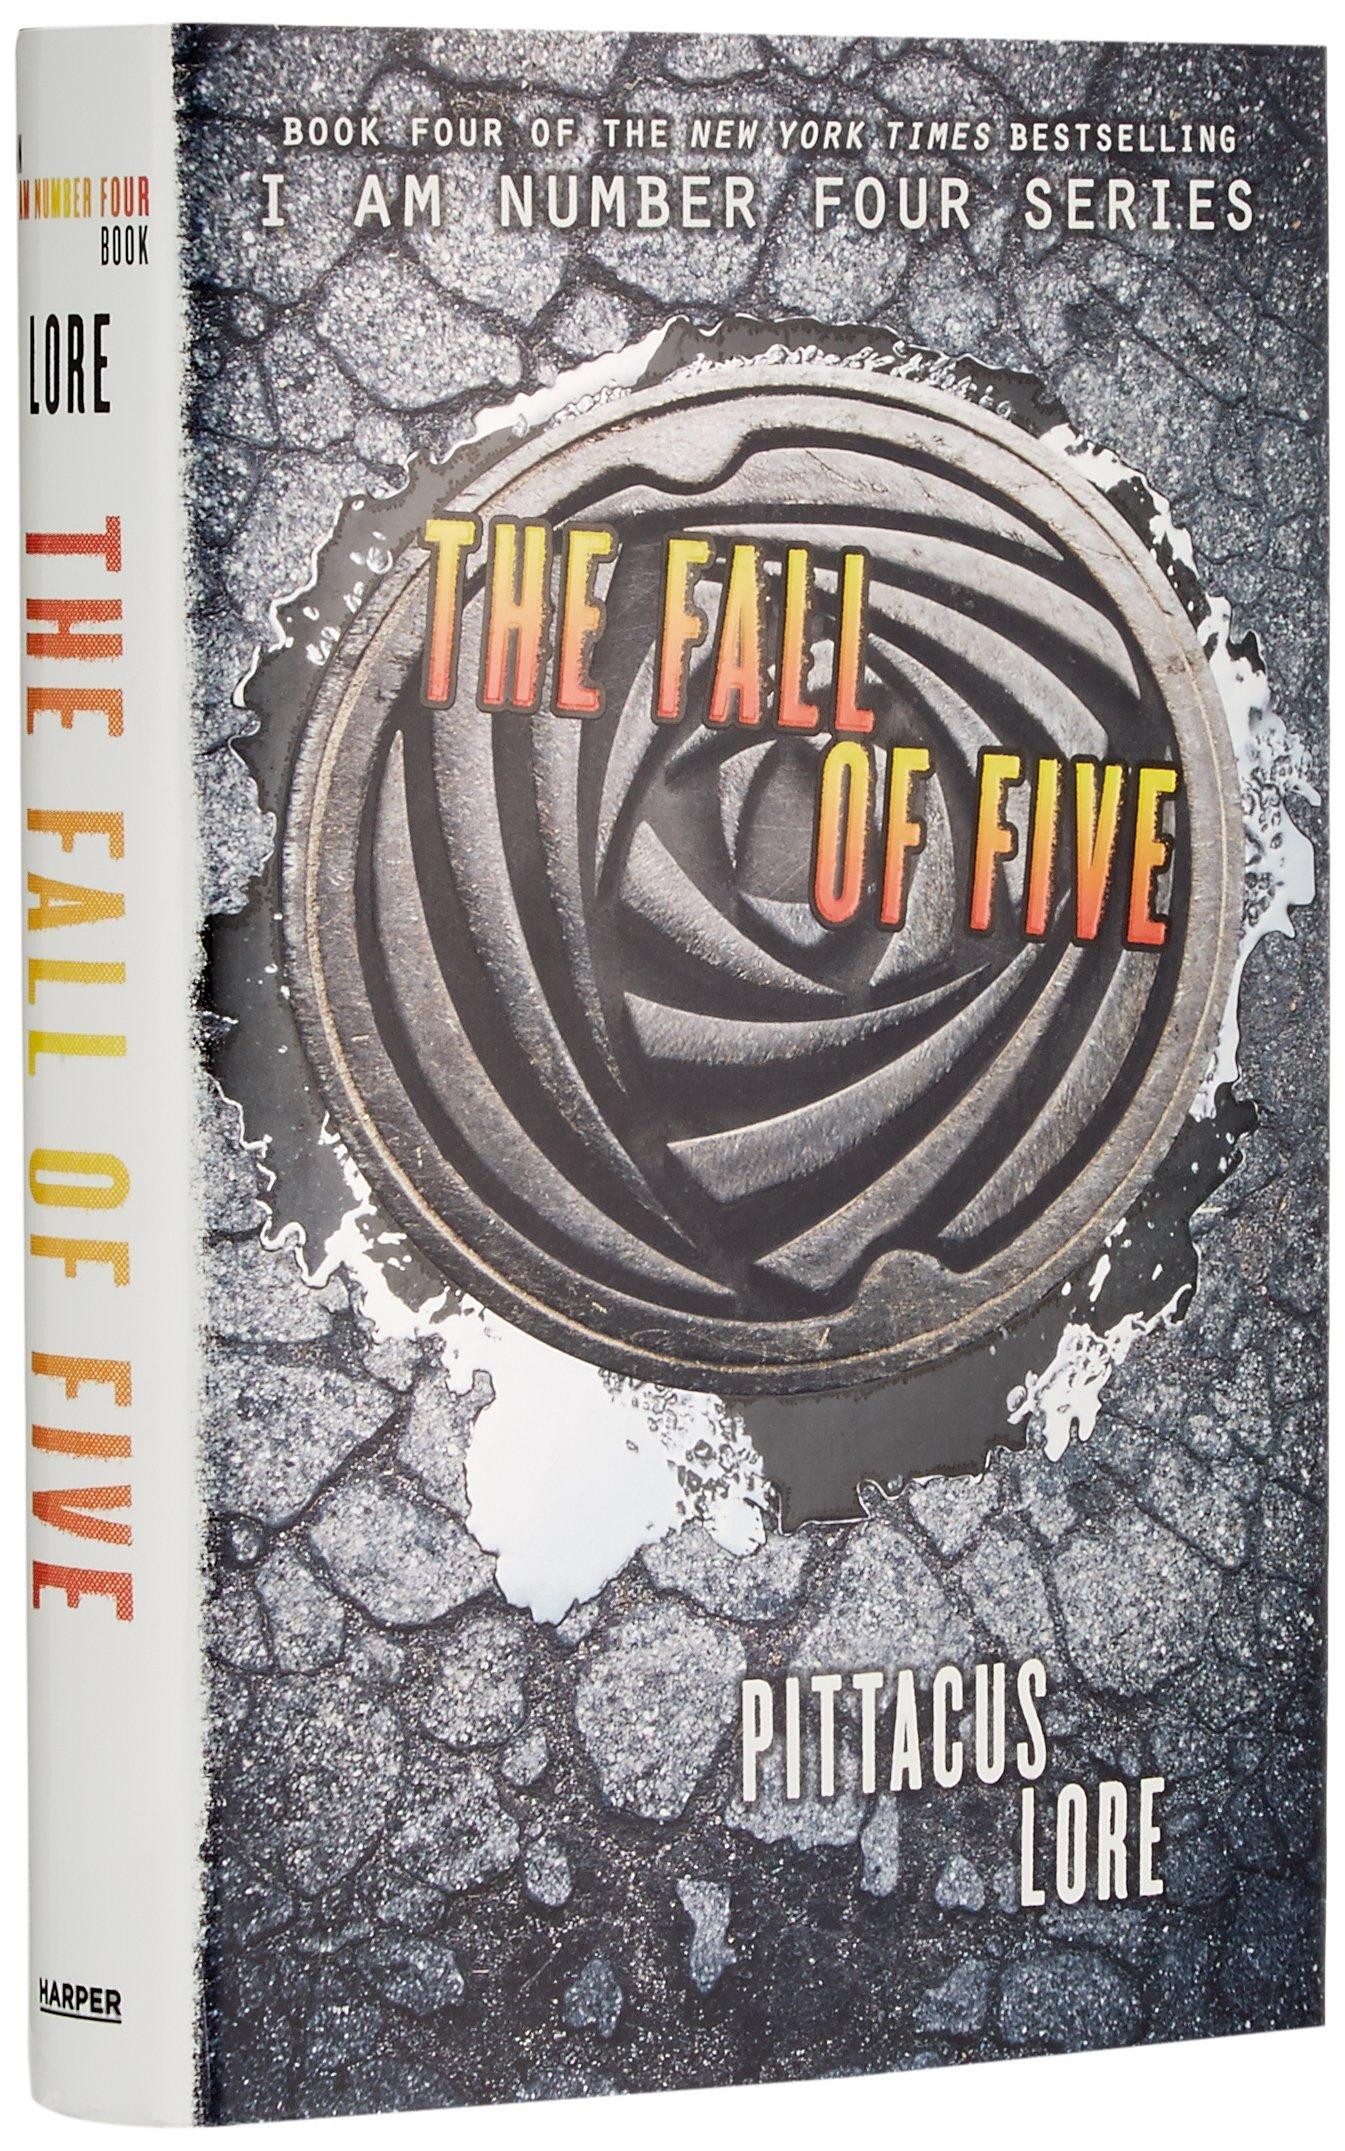 Buy The Fall Of Five (lorien Legacies) Book Online At Low Prices In India   The Fall Of Five (lorien Legacies) Reviews & Ratings  Amazon